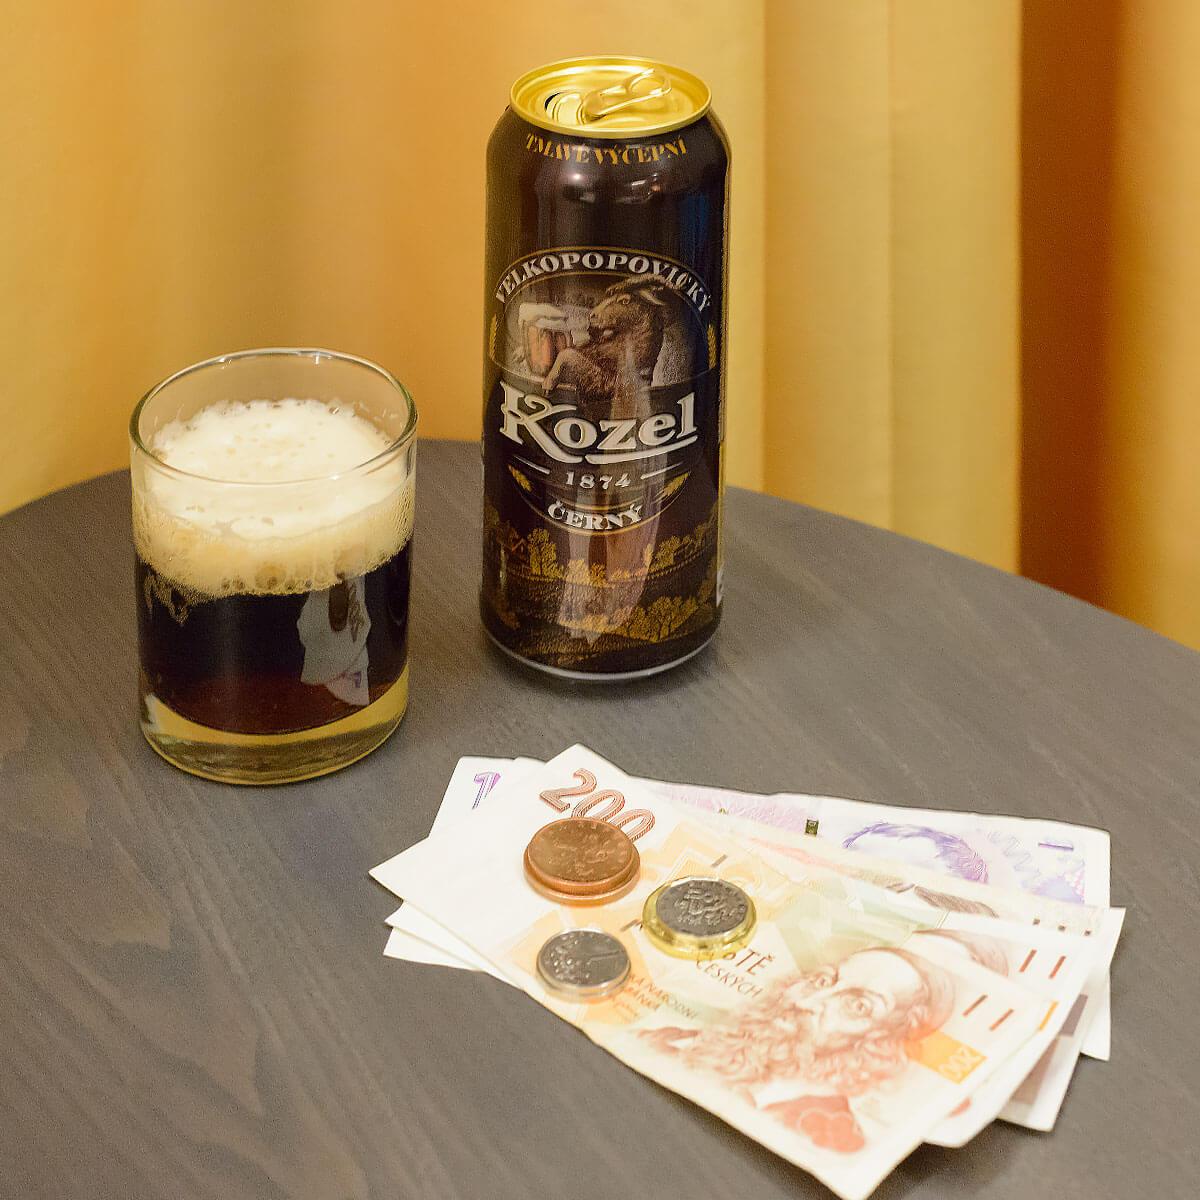 Kozel Cerny is a German-style Munich Dunkel brewed by Pivovar Velké Popovice a.s.